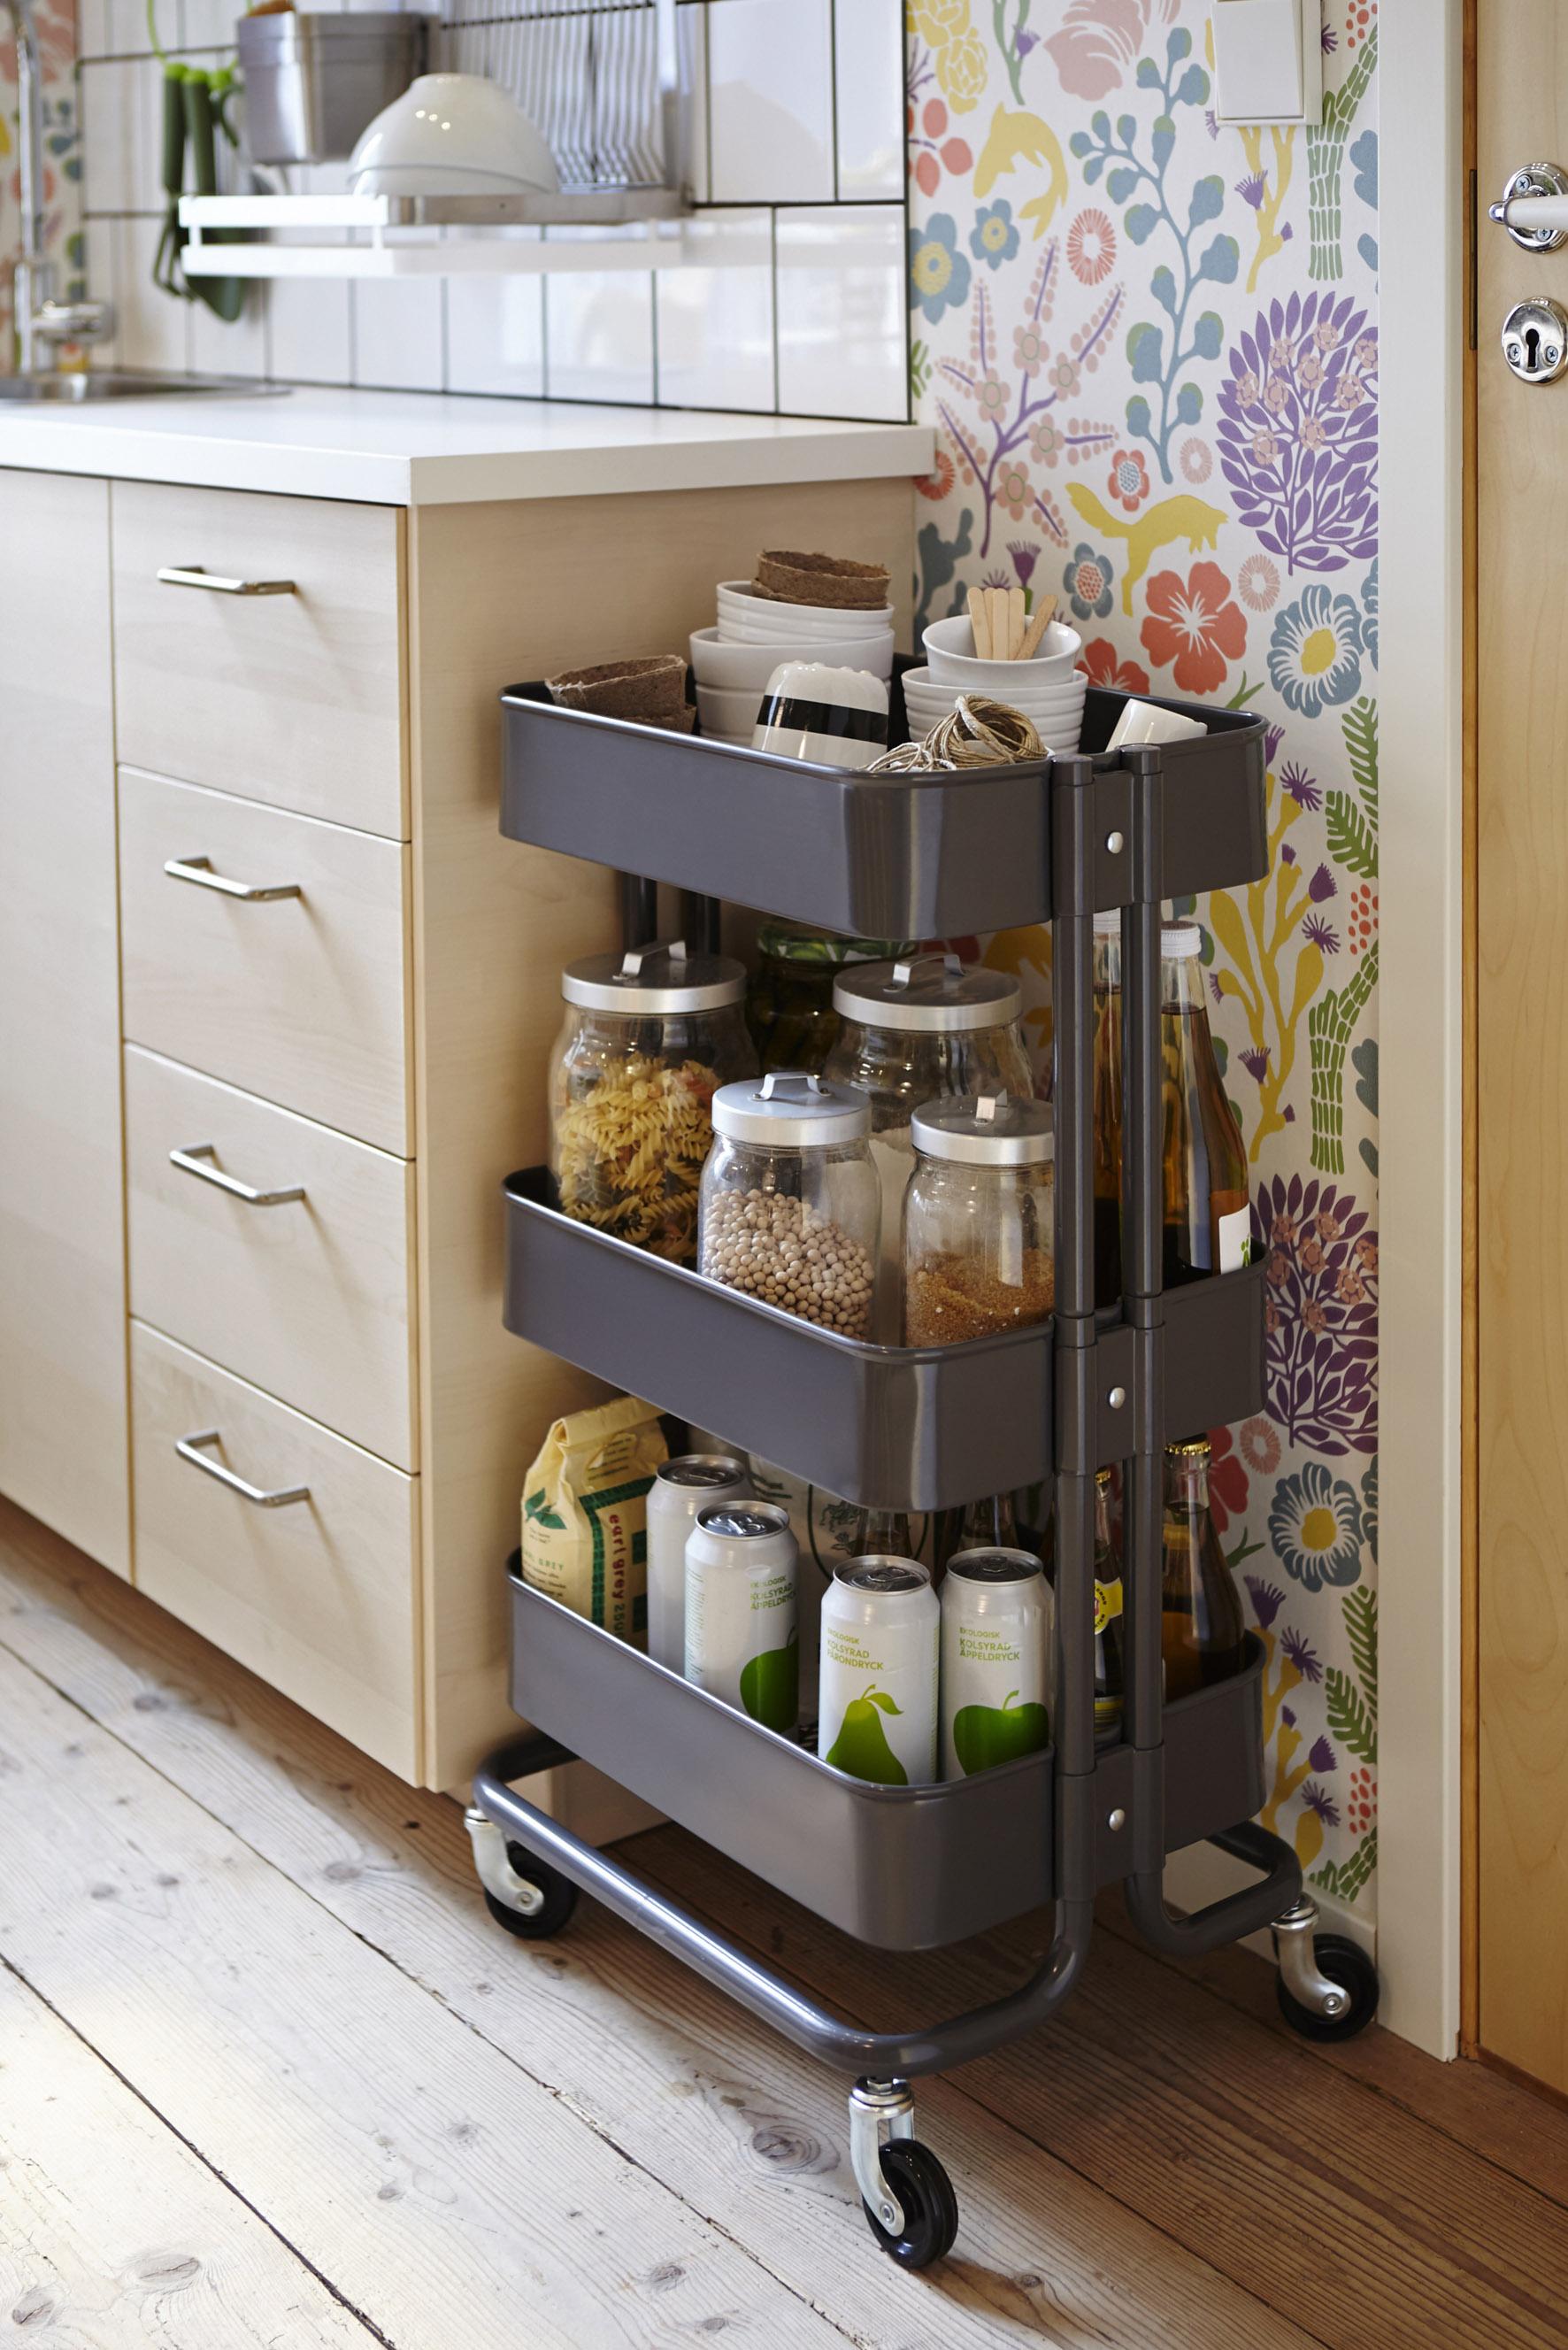 Ikea keuken roltafel opbergen